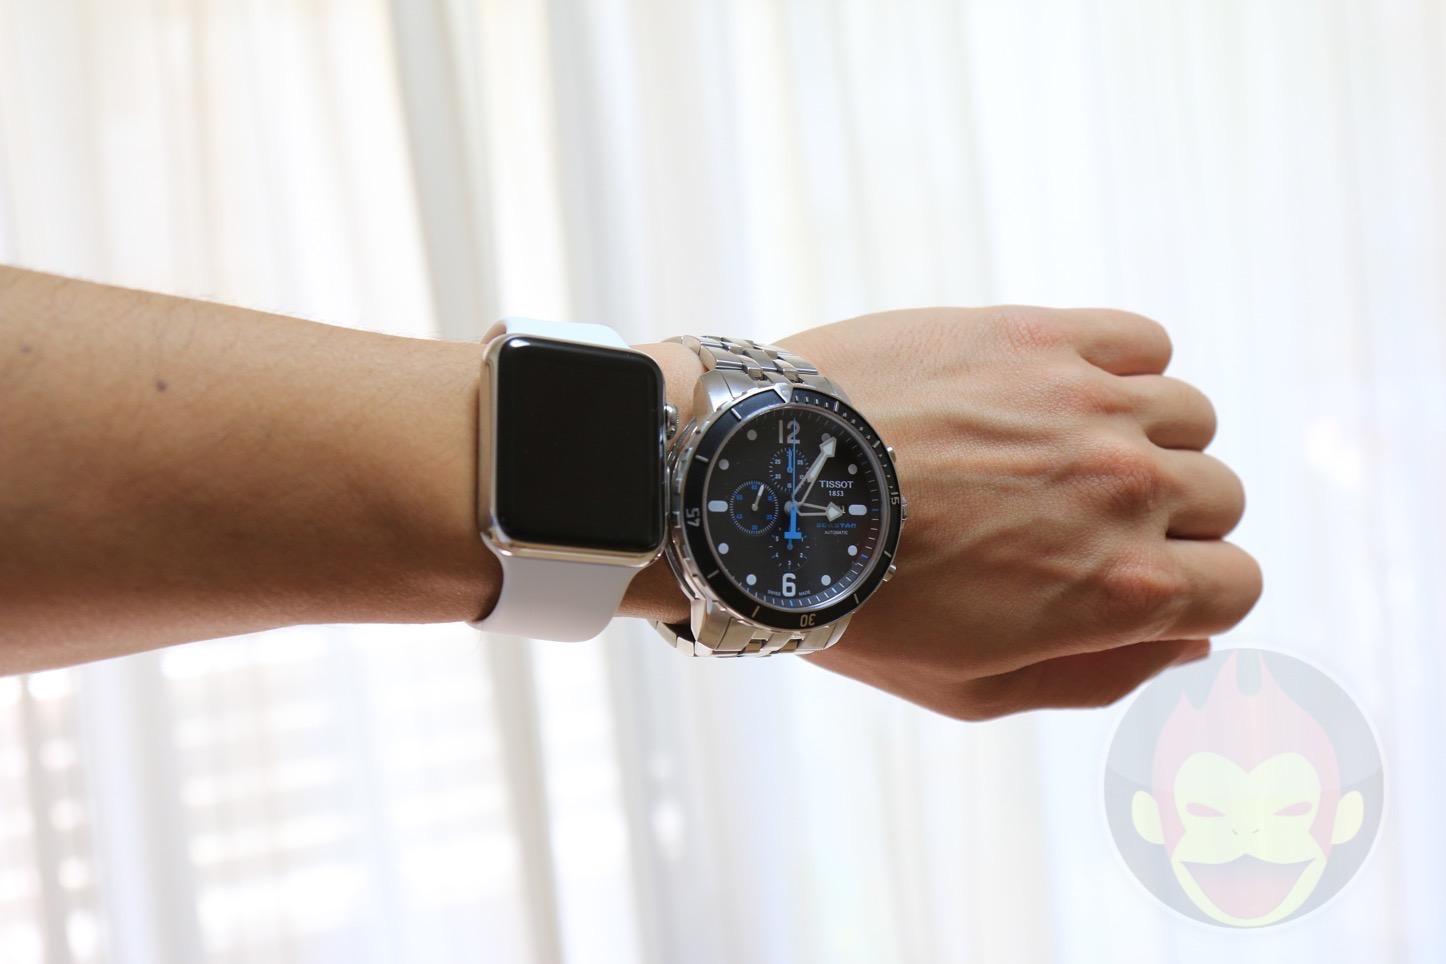 Apple Watchはやっぱり軽すぎる気がしてならない